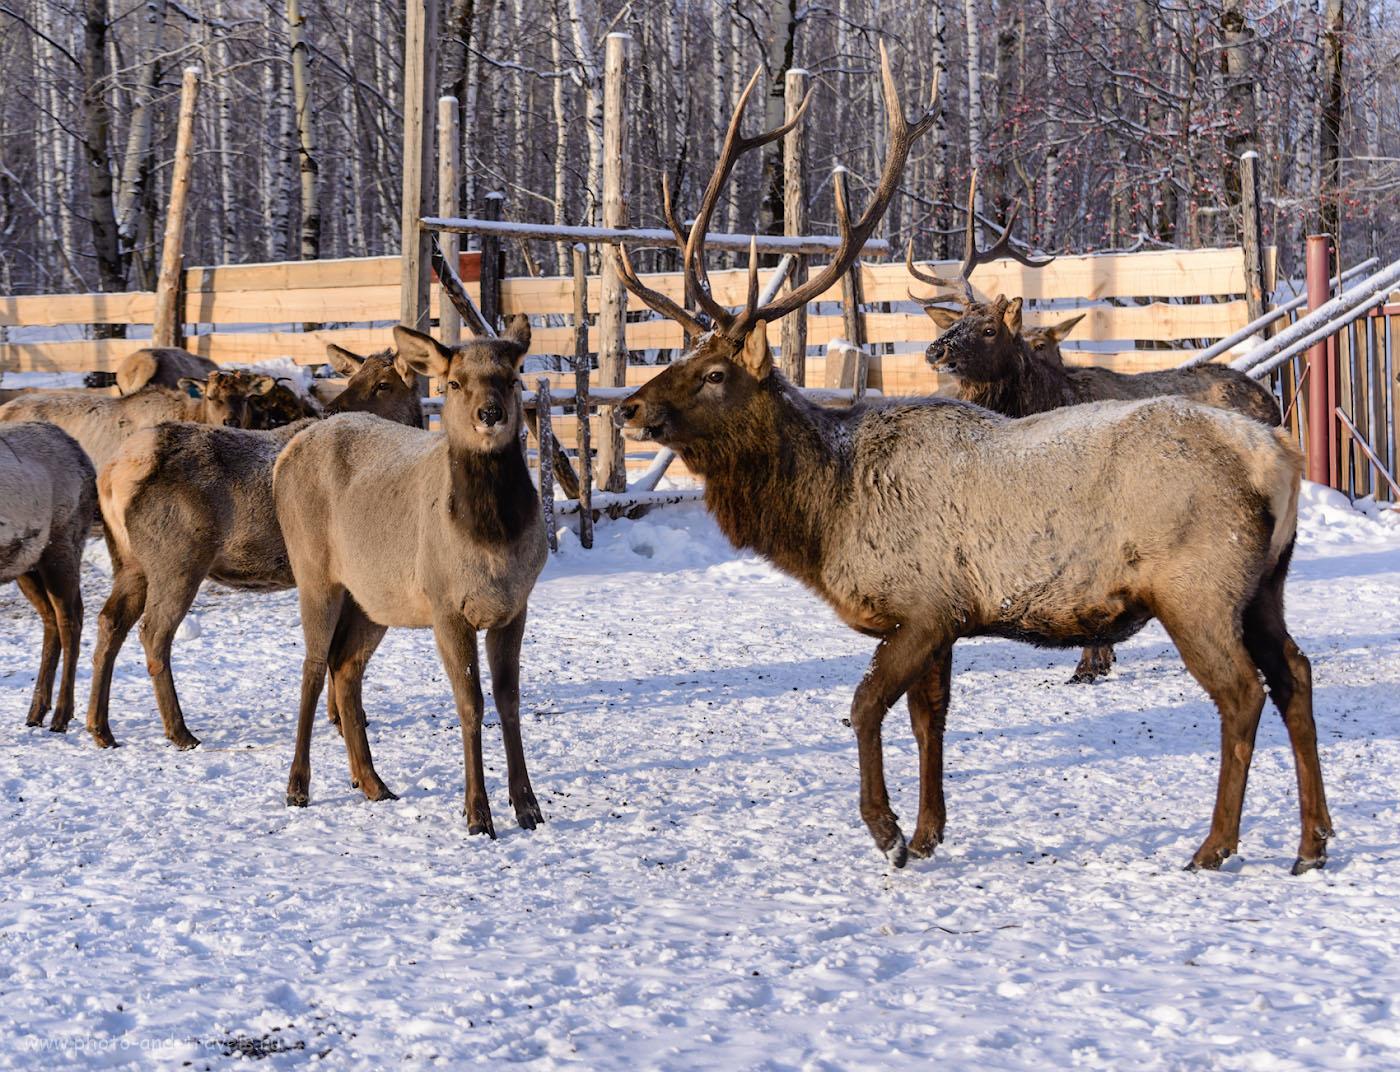 Снимок 30. Благородные олени на ферме в окрестностях национального парка Зюраткуль. Камера Nikon D610, телеобъектив Nikon 70-300mm. Настройки: 1/320, +0.67, 4.5, 110, 70.